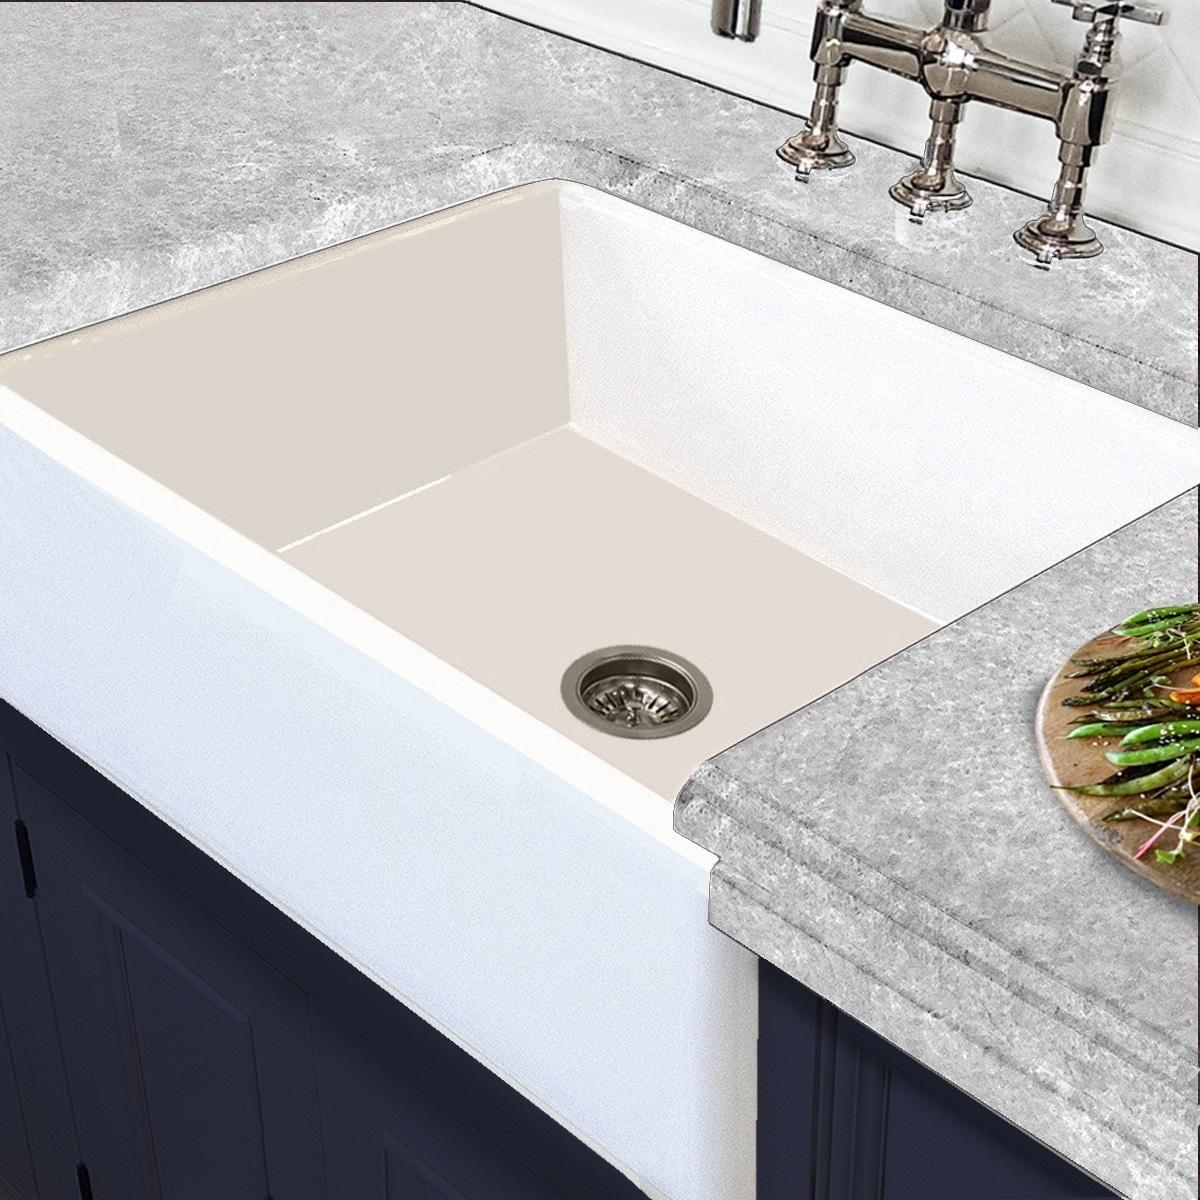 White Italian Fireclay Reversible Farmhouse Kitchen Sink